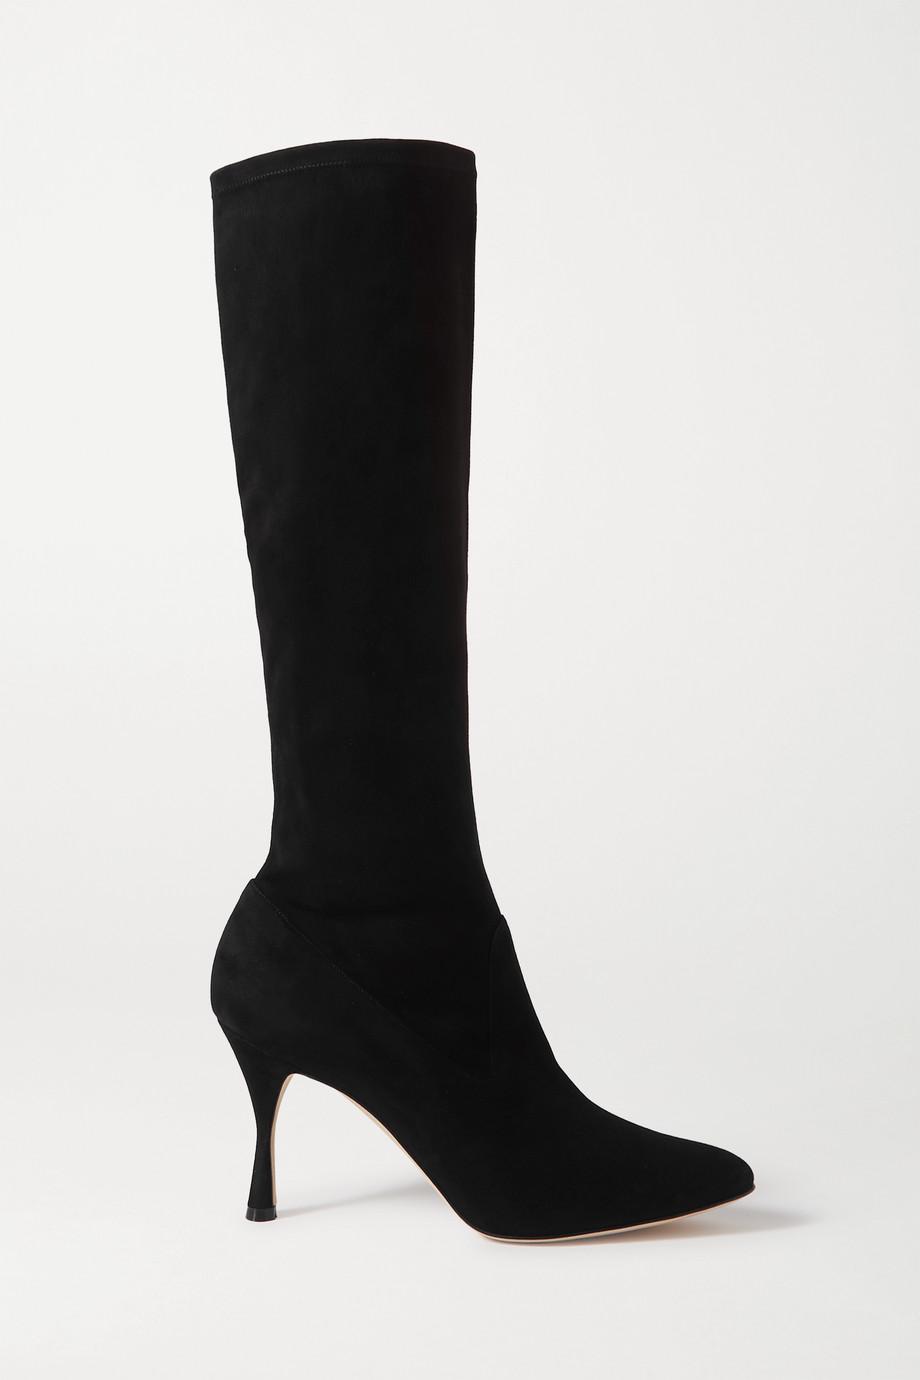 Manolo Blahnik Pamfilo kniehohe Stiefel aus elastischem Veloursleder